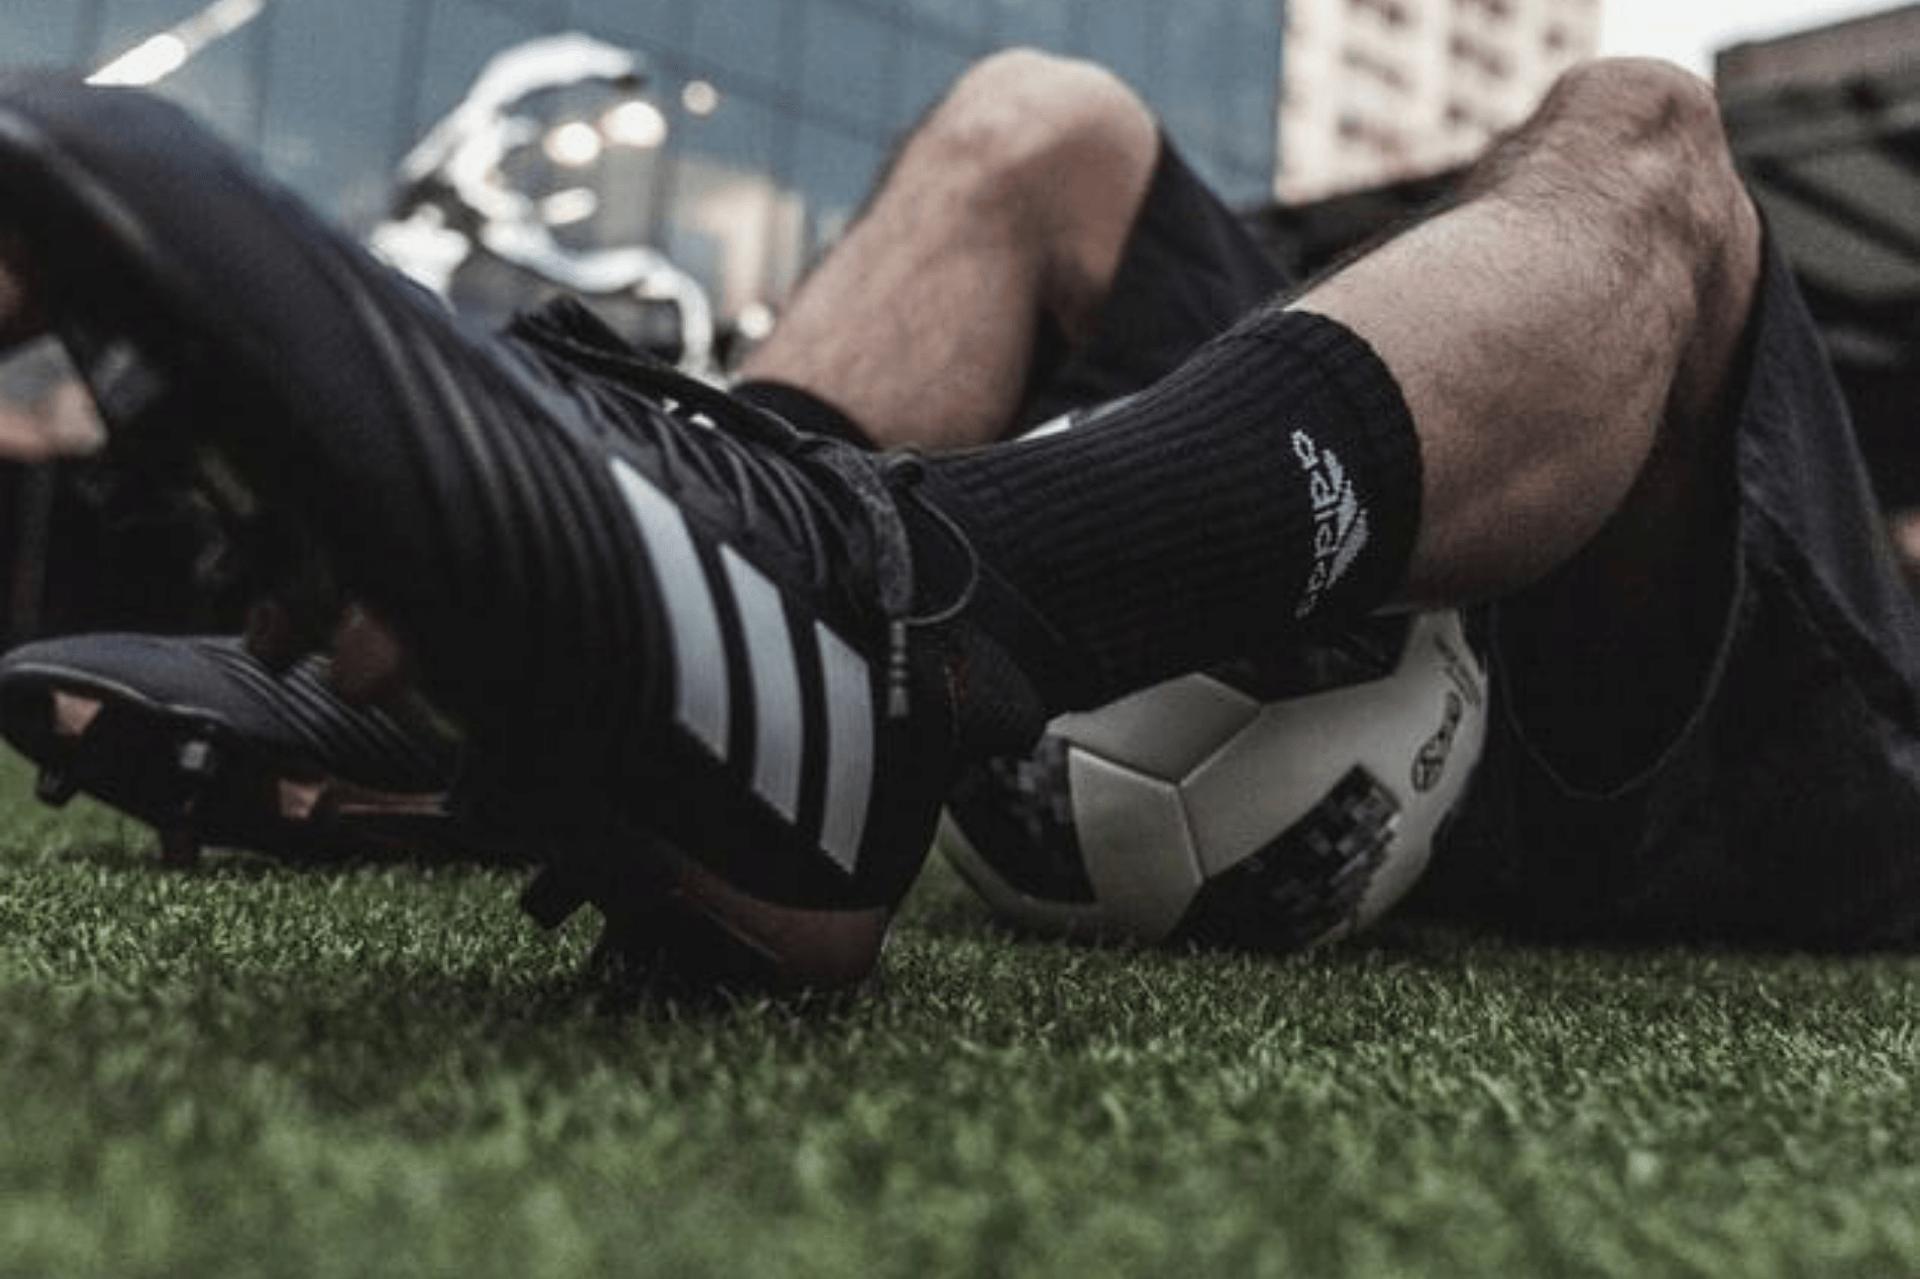 sweaty feet from soccer